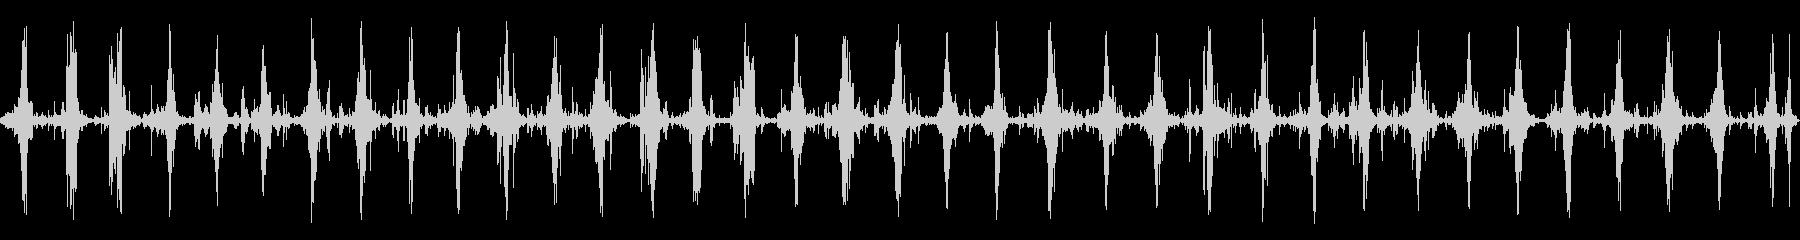 ダートロードで行進する中世の兵士の...の未再生の波形